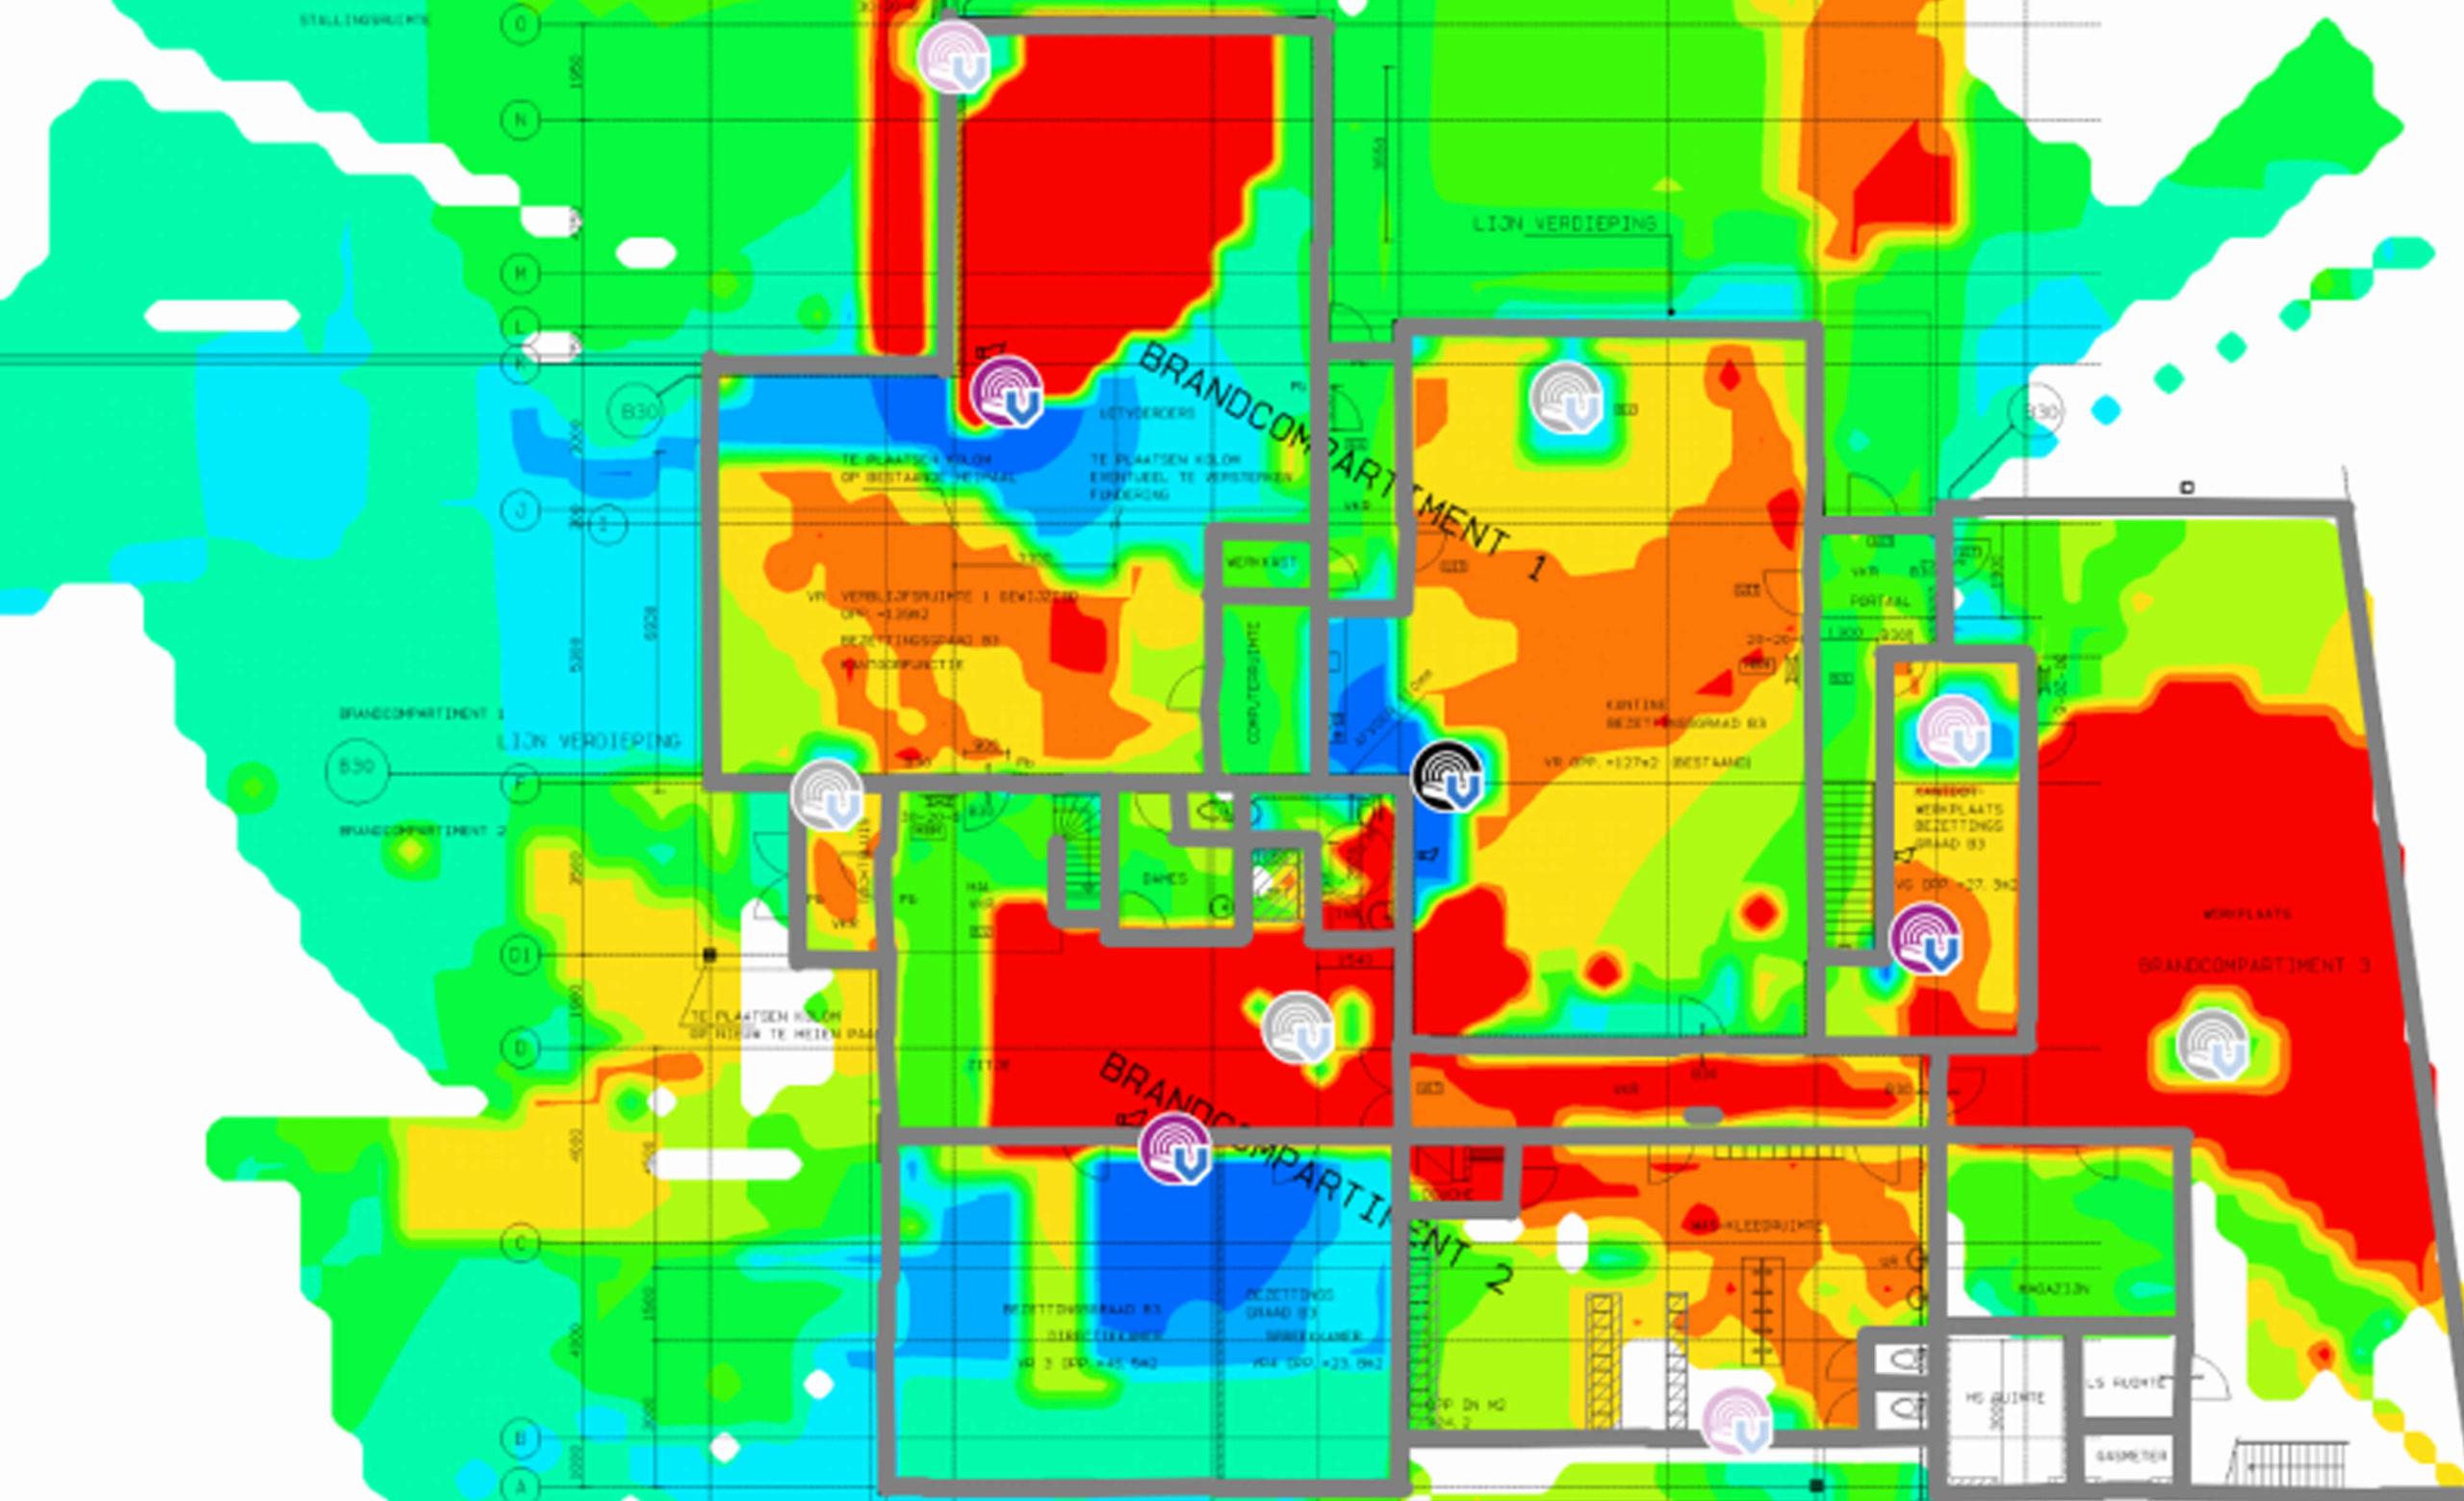 WiFi Meting zelf of laten uitvoeren? - WiFi meting uitvoeren met TamoGraph software | De Netwerkspecialist